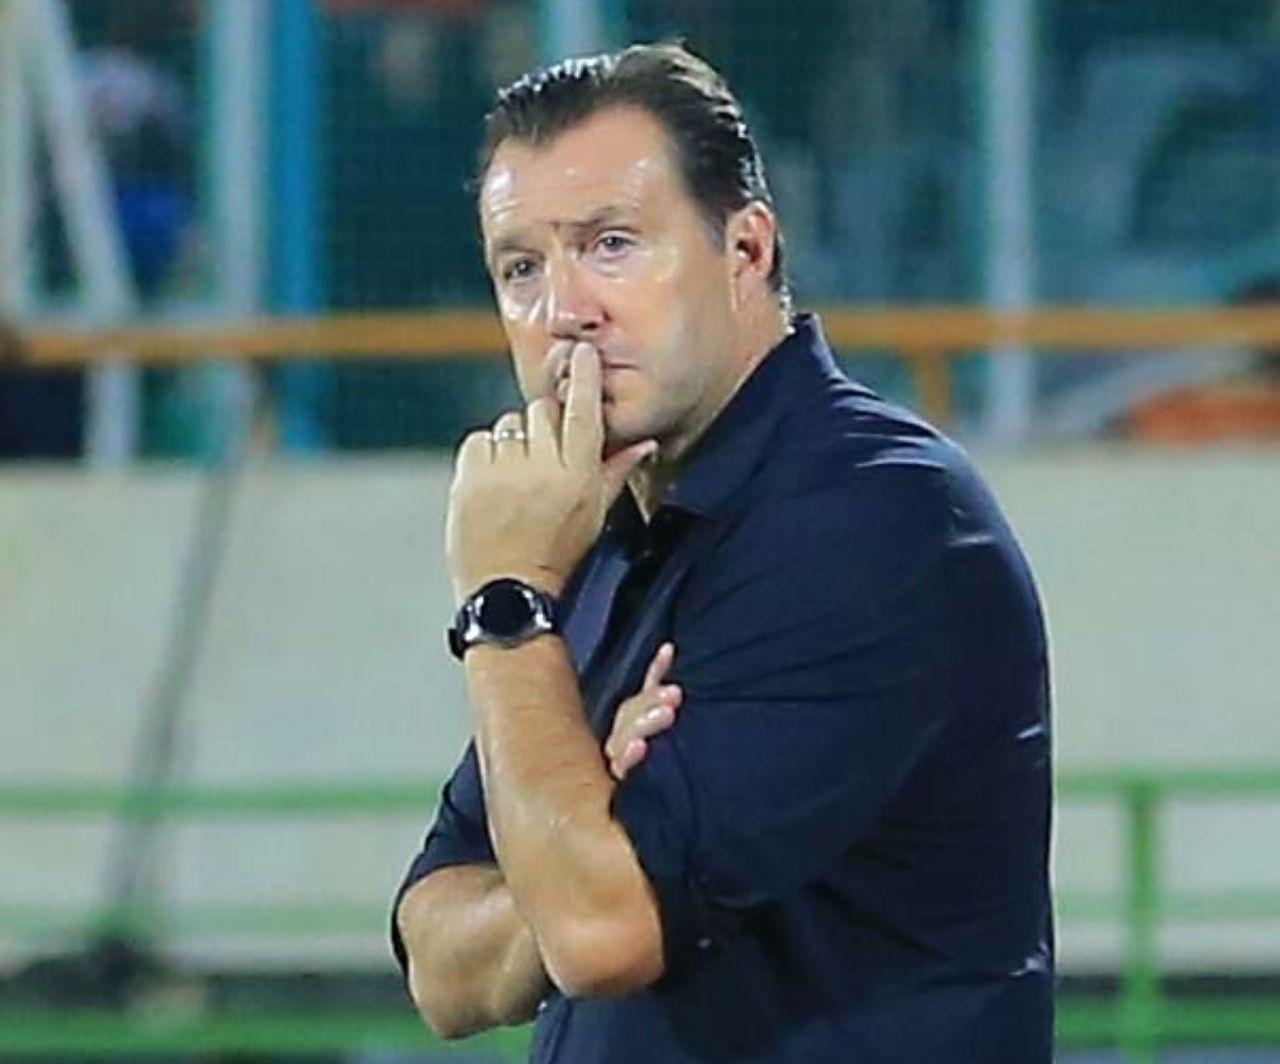 ویلموتس: گفتم که هجومی بازی خواهیم کرد/ هدف ما جام جهانی است/ از خانمها برای حضورشان ممنونم